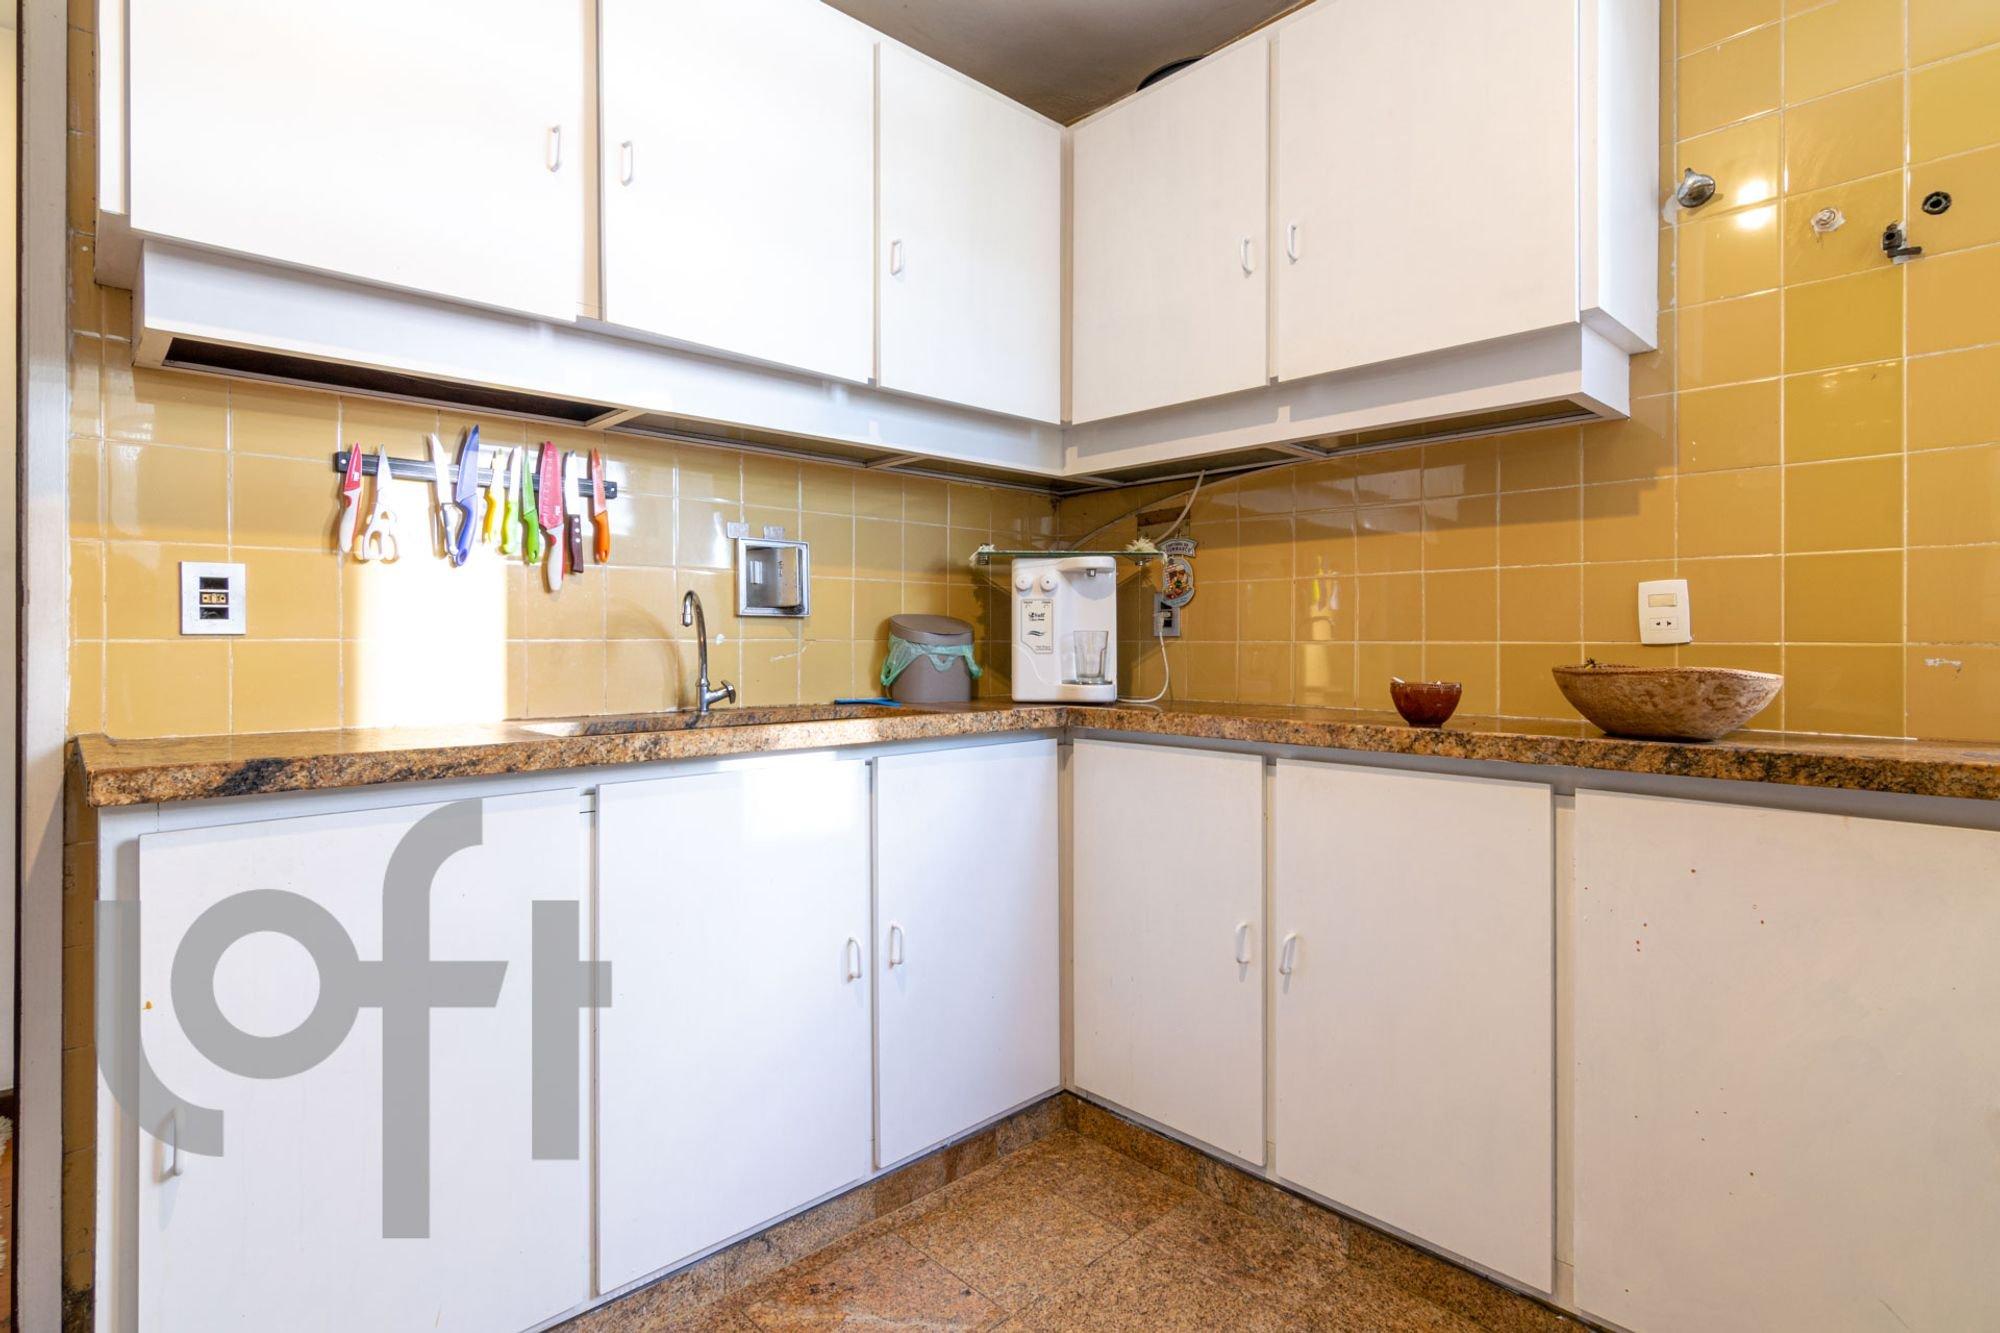 Foto de Cozinha com tigela, faca